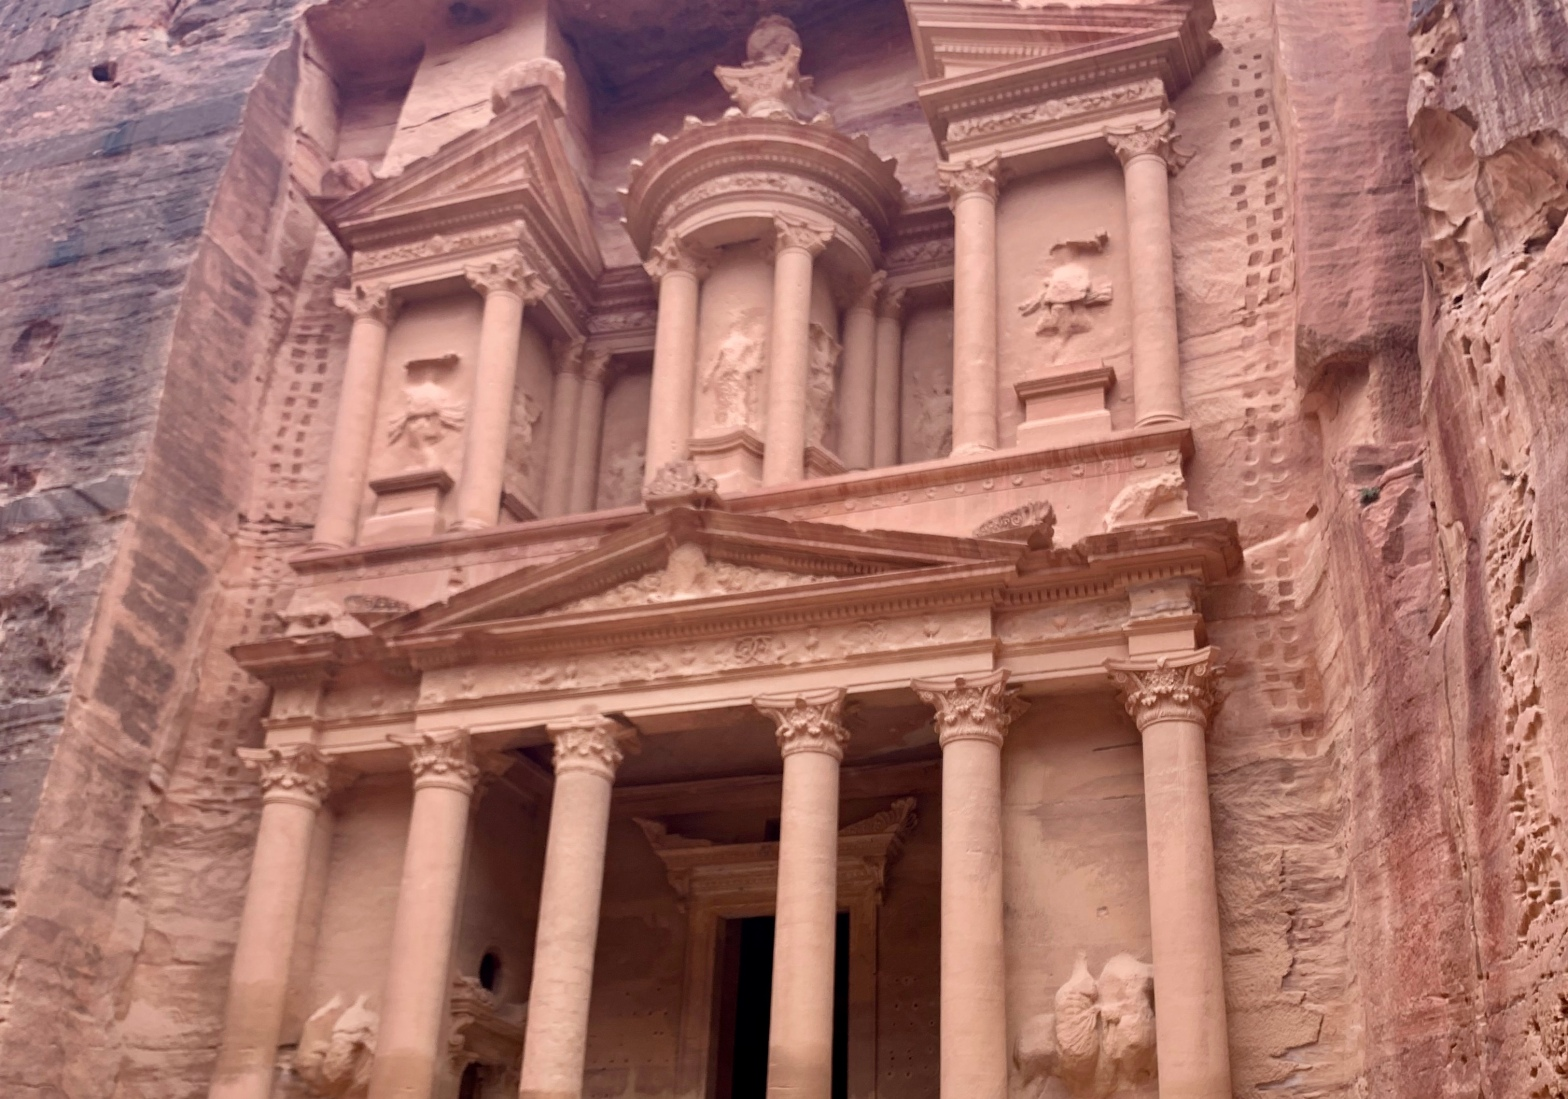 Petra architecture